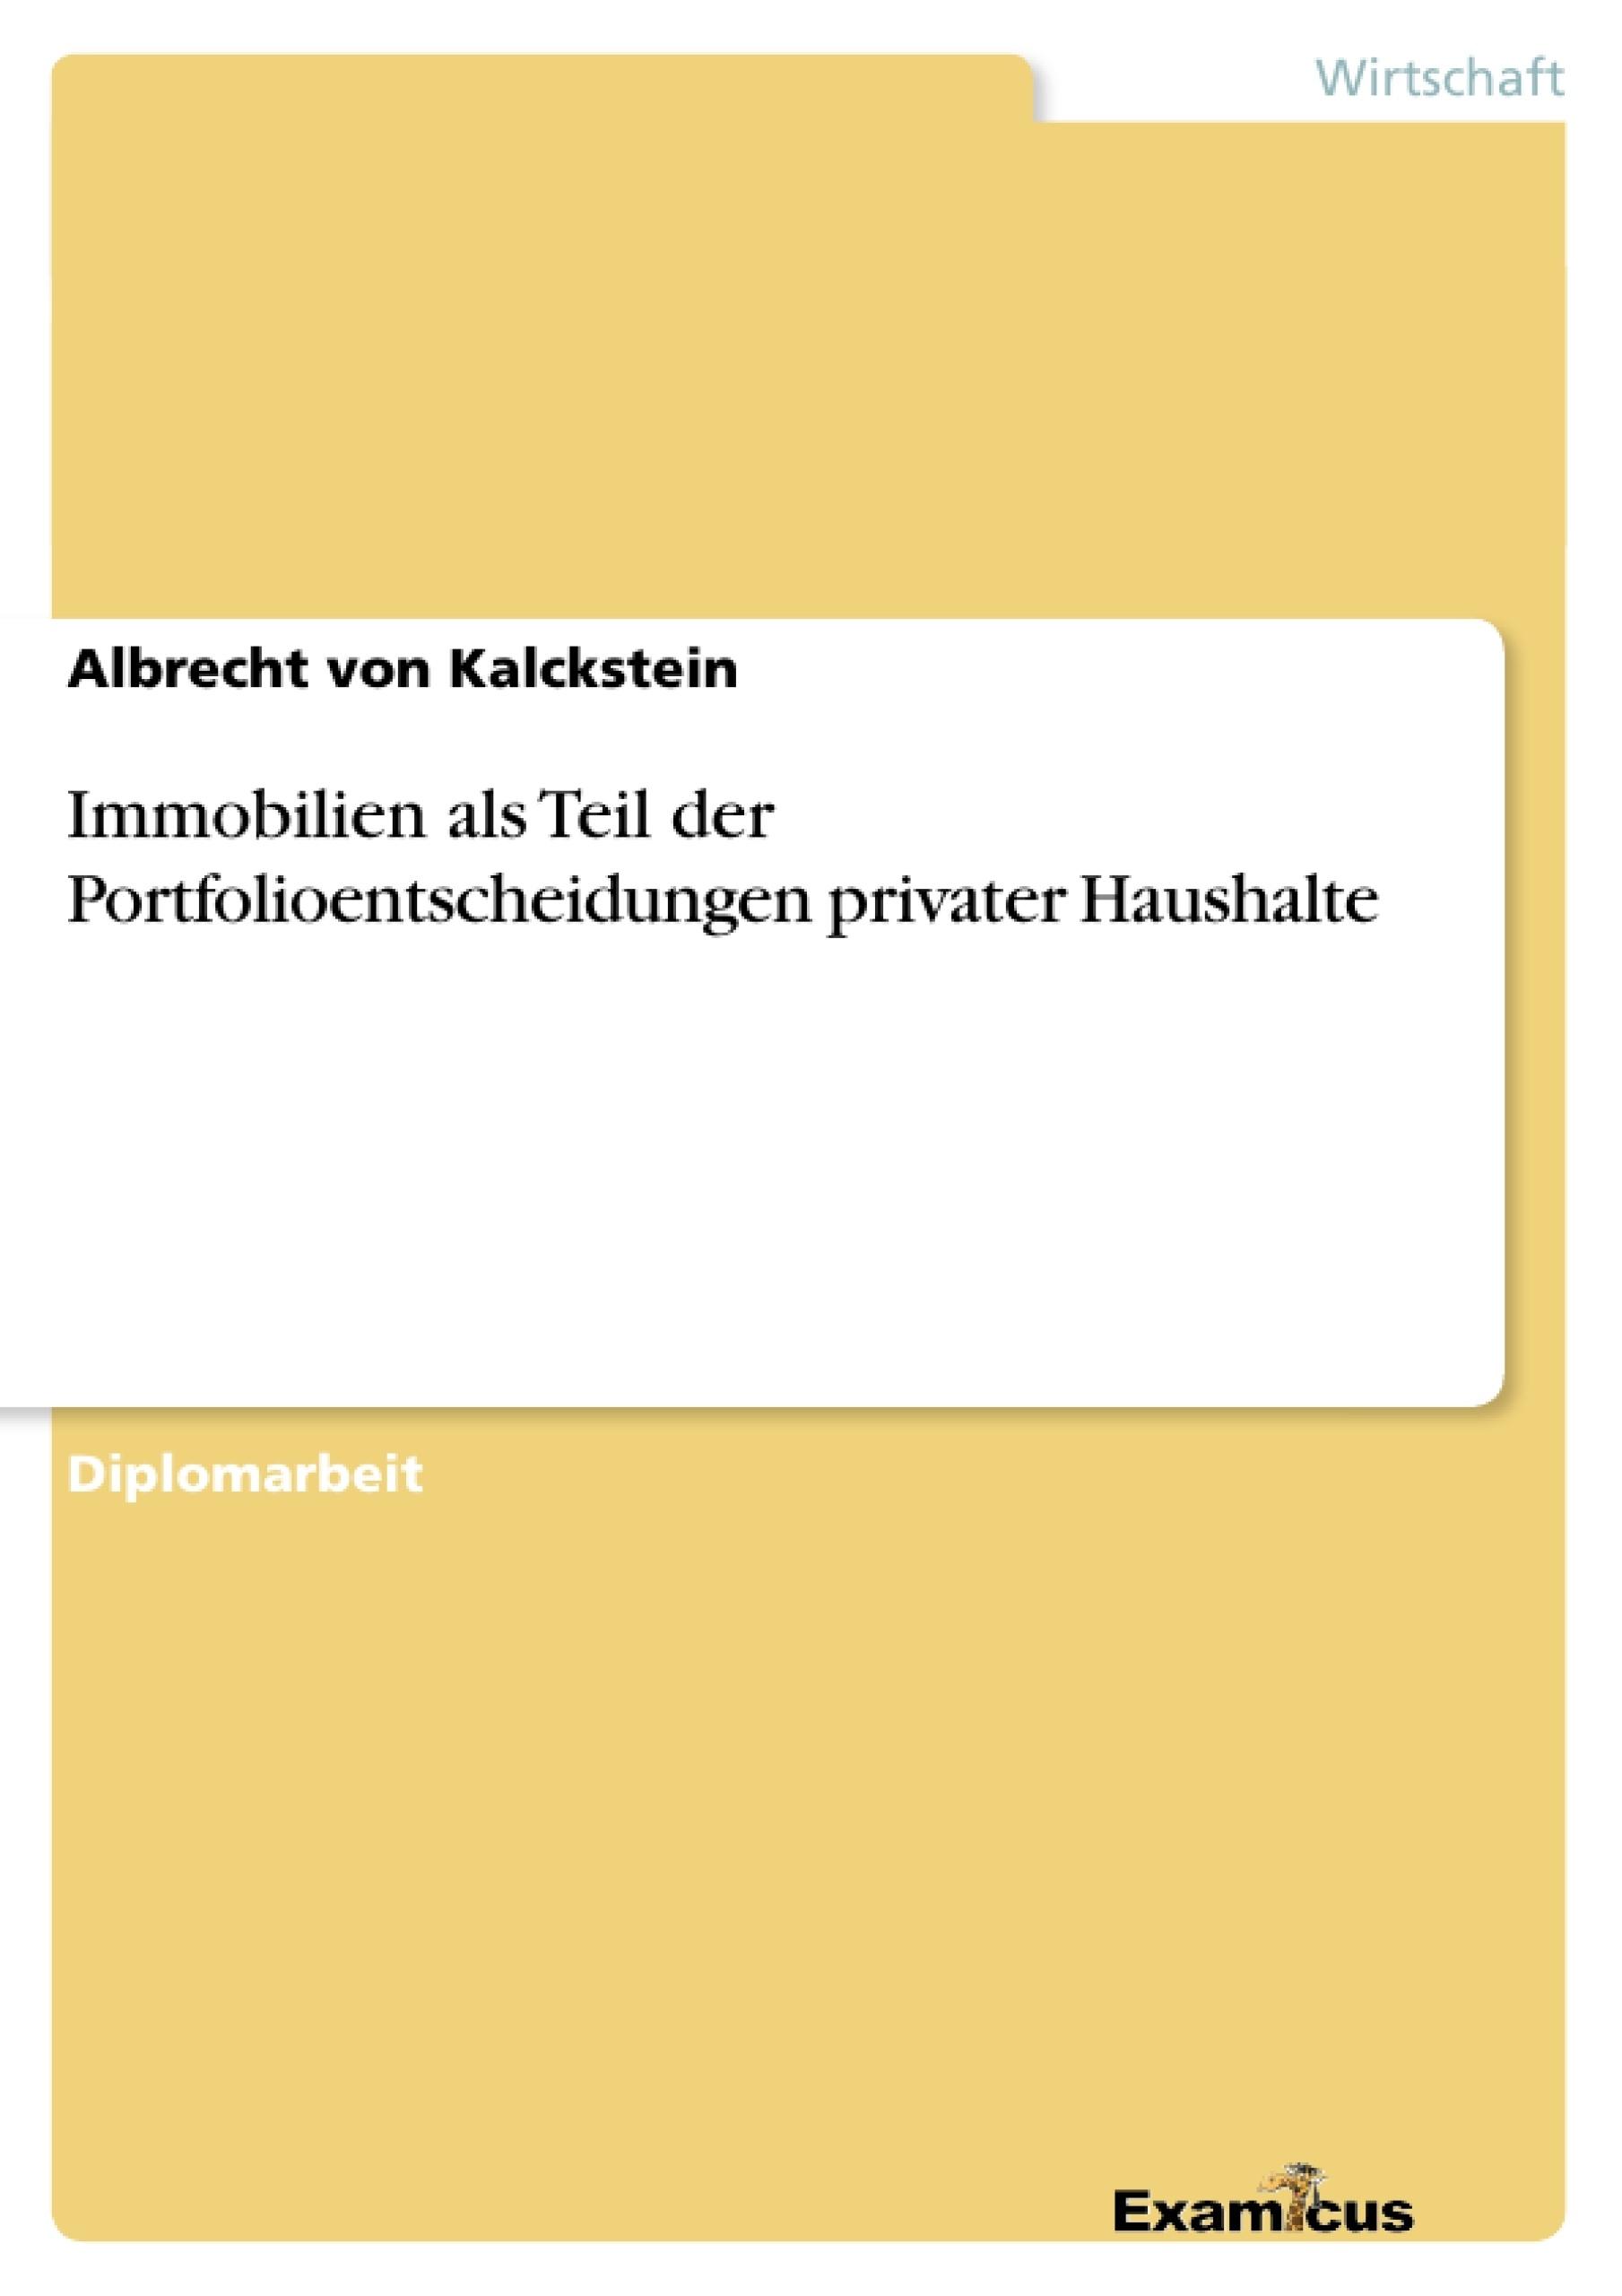 Titel: Immobilien als Teil der Portfolioentscheidungen privater Haushalte